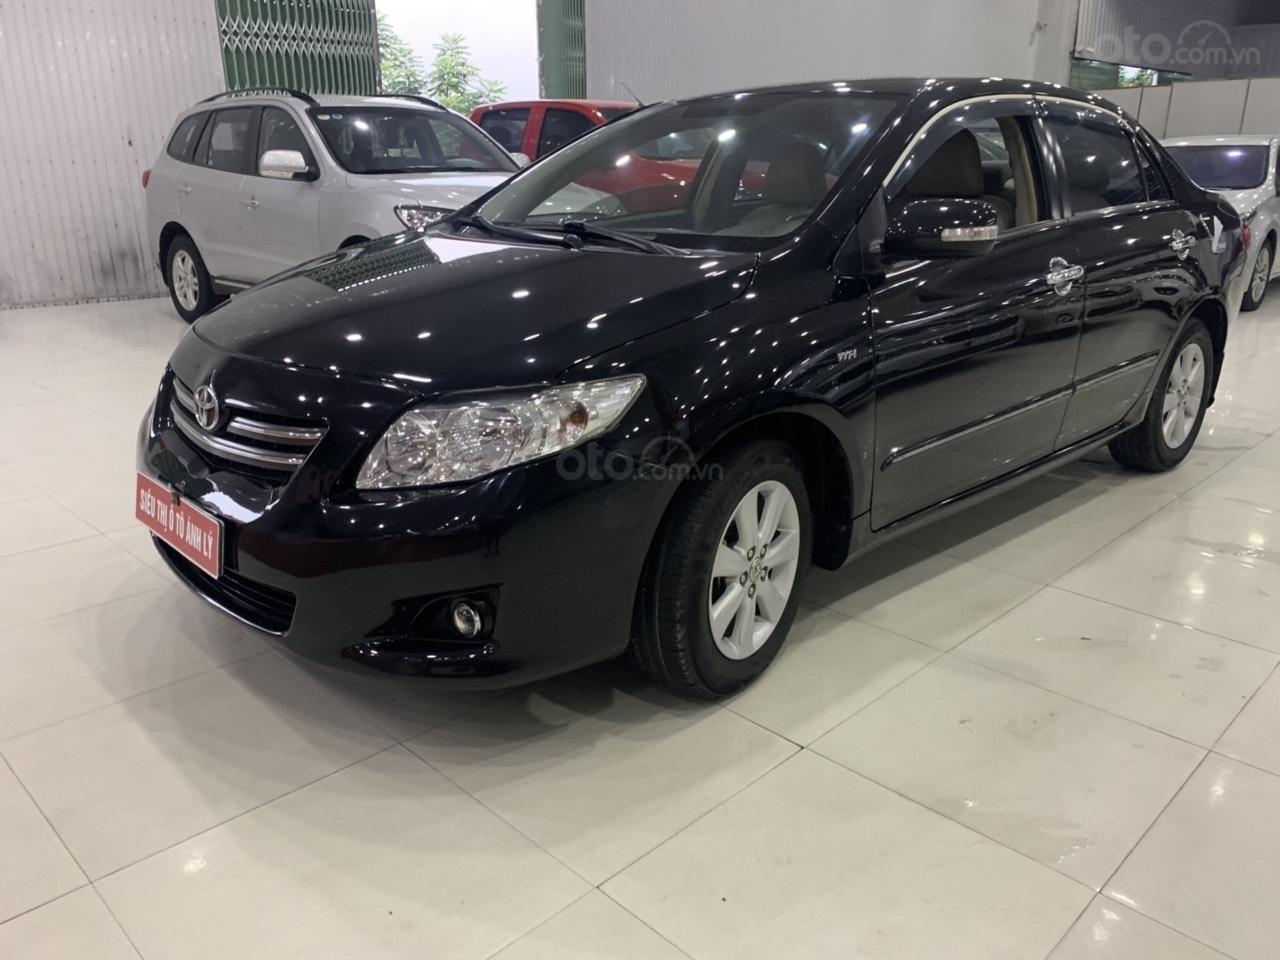 Cần bán Toyota Corolla Altis 1.8AT sản xuất năm 2010, màu đen, 445 triệu (3)